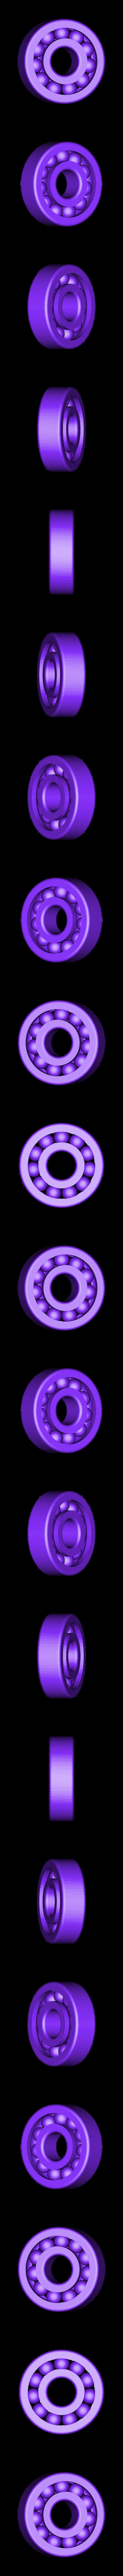 ROULEMENT  d08-D24-h07 mm.STL Download STL file ROLLING 08-24-07 Bearing 628 • 3D printer design, Laurence